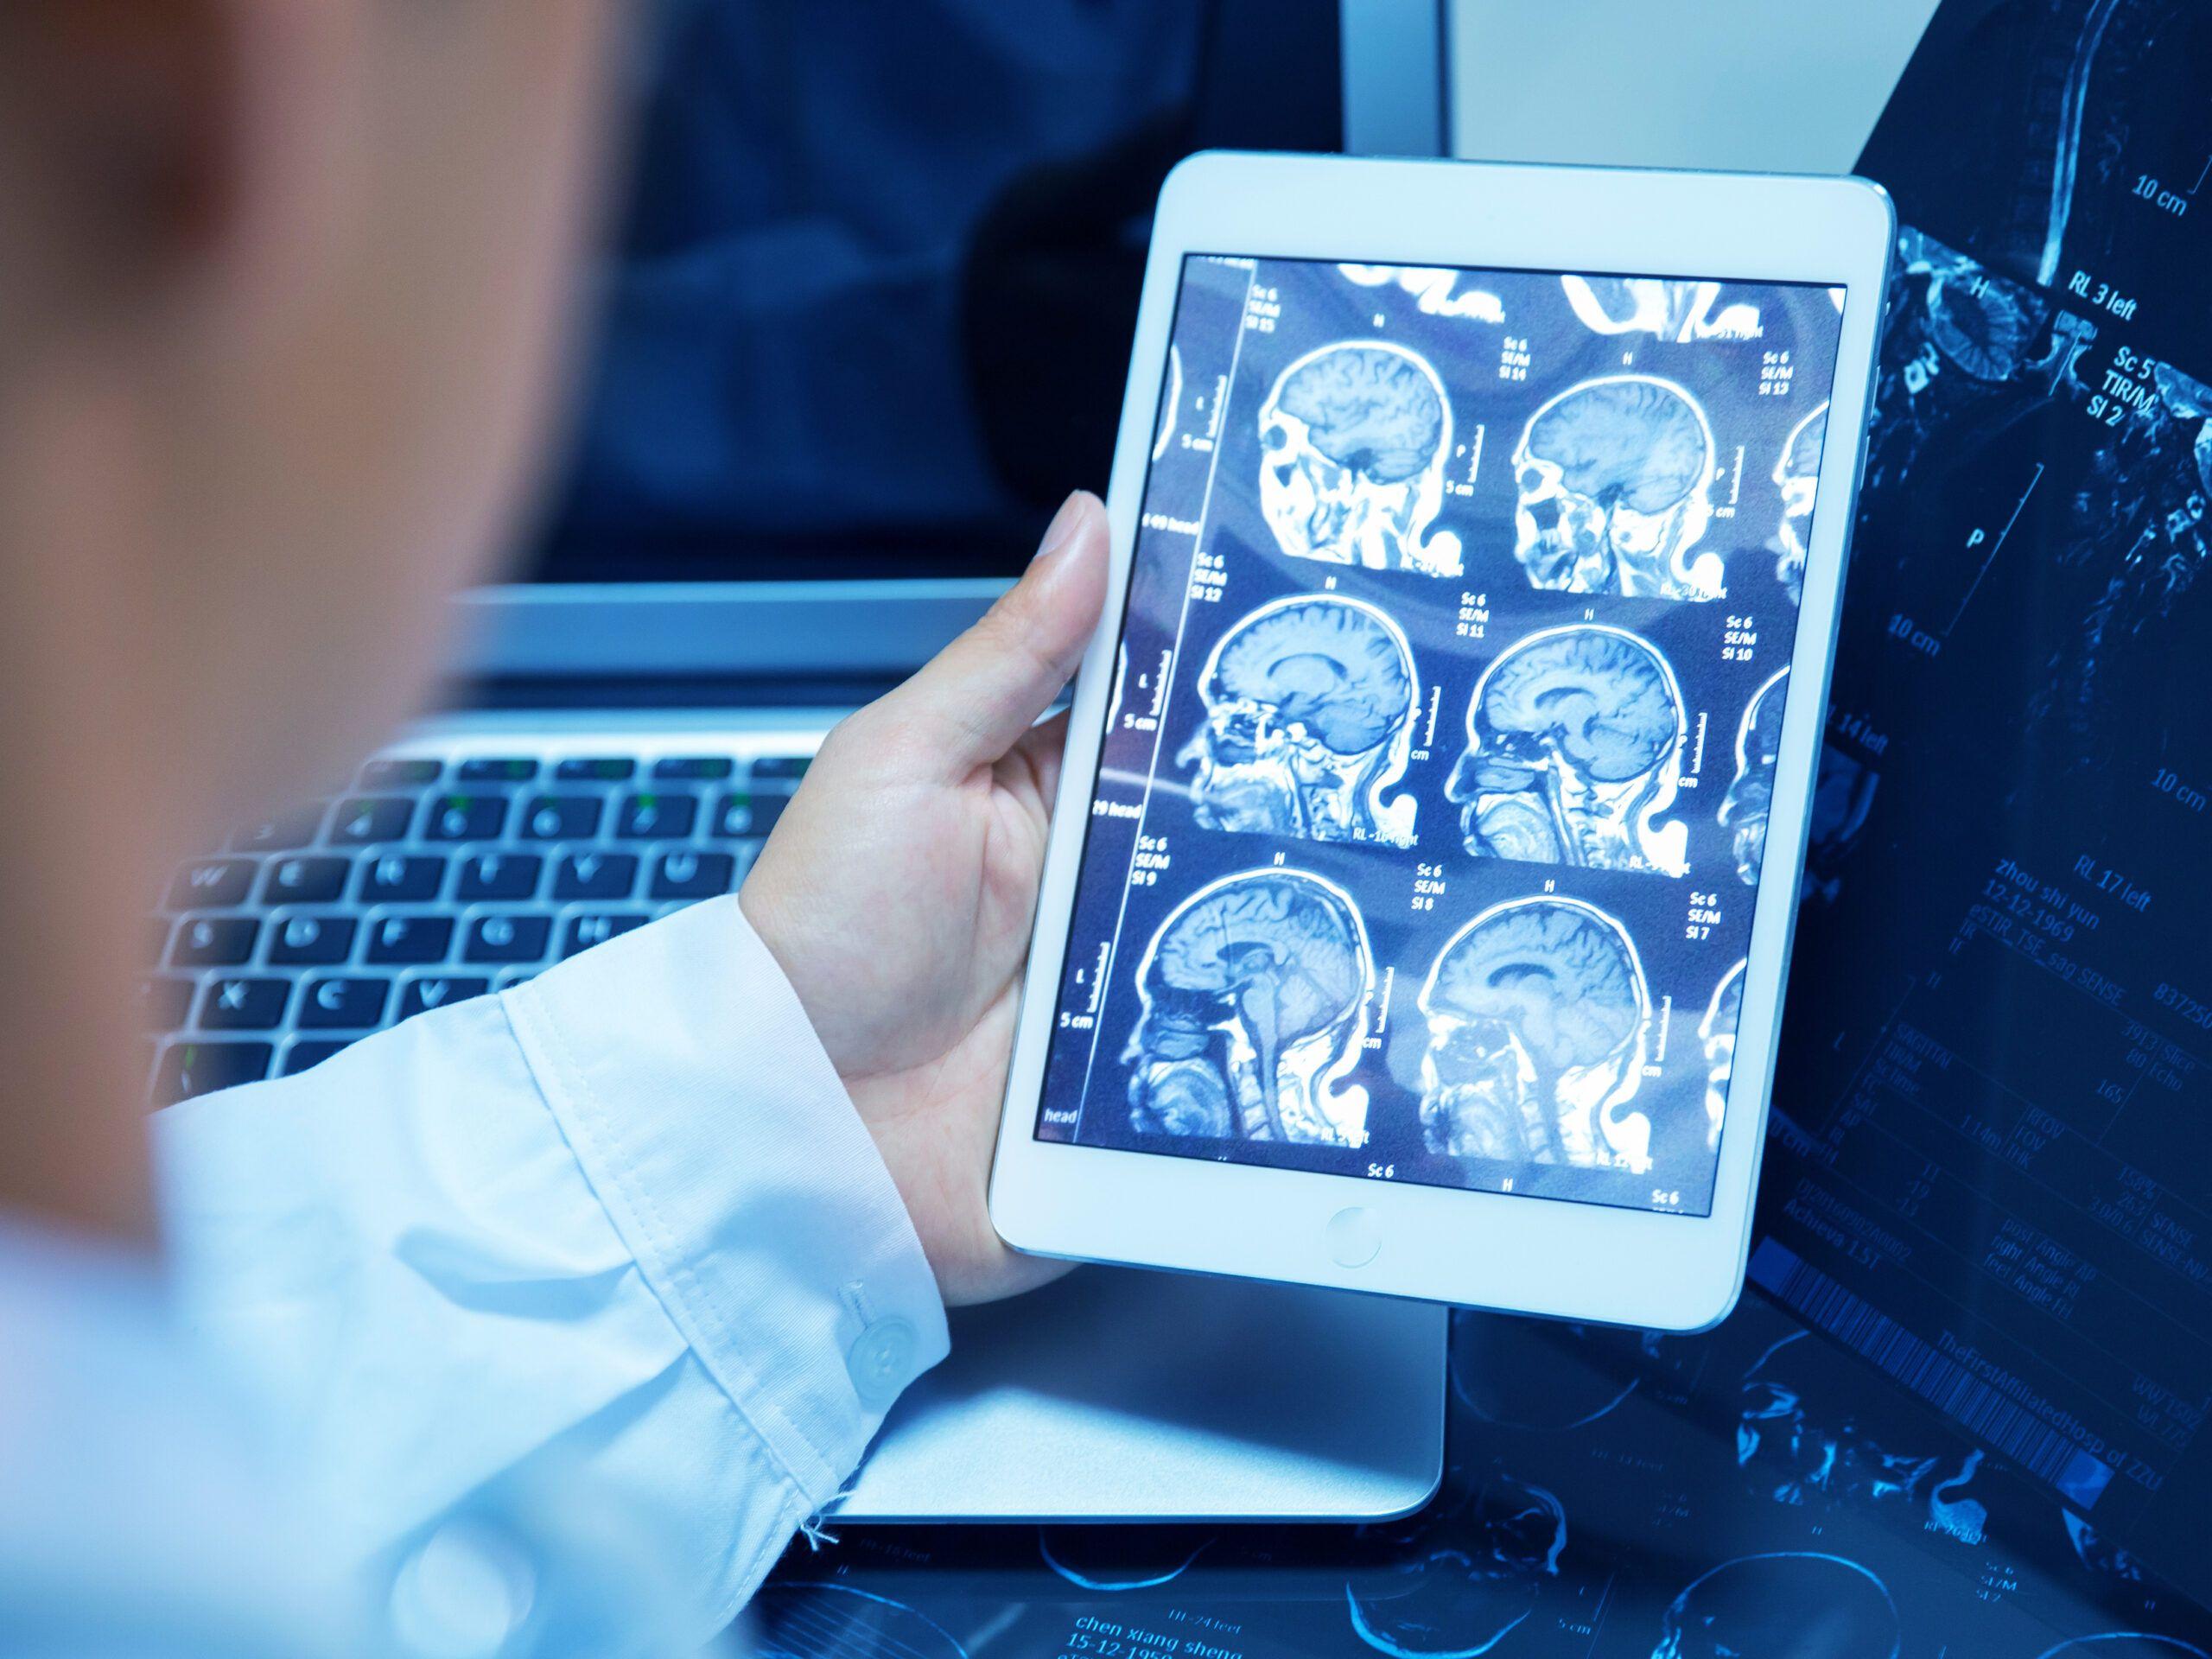 رشته رادیولوژی ارشد رادیولوژی و بورسیه رشته رادیولوژی